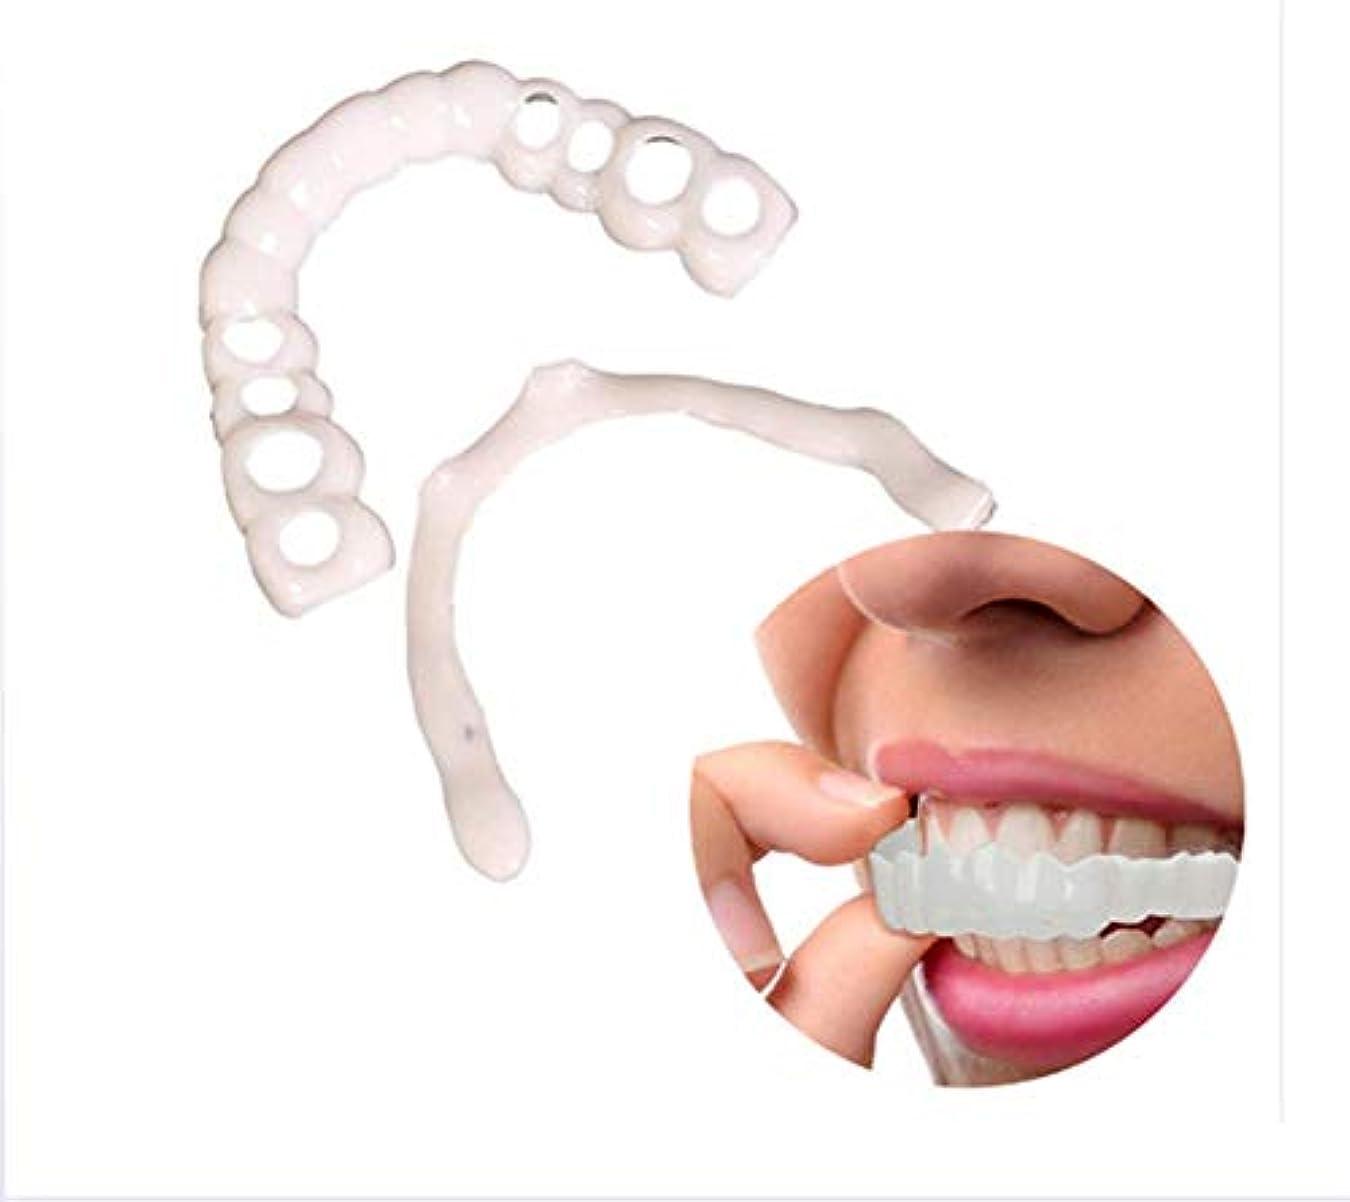 むしゃむしゃアナウンサー欺化粧品の歯の3セット即座に笑顔歯快適なフィットソフトトップ化粧突き板、すべてに適して、ナチュラルスモール新しくて快適な完璧な笑顔